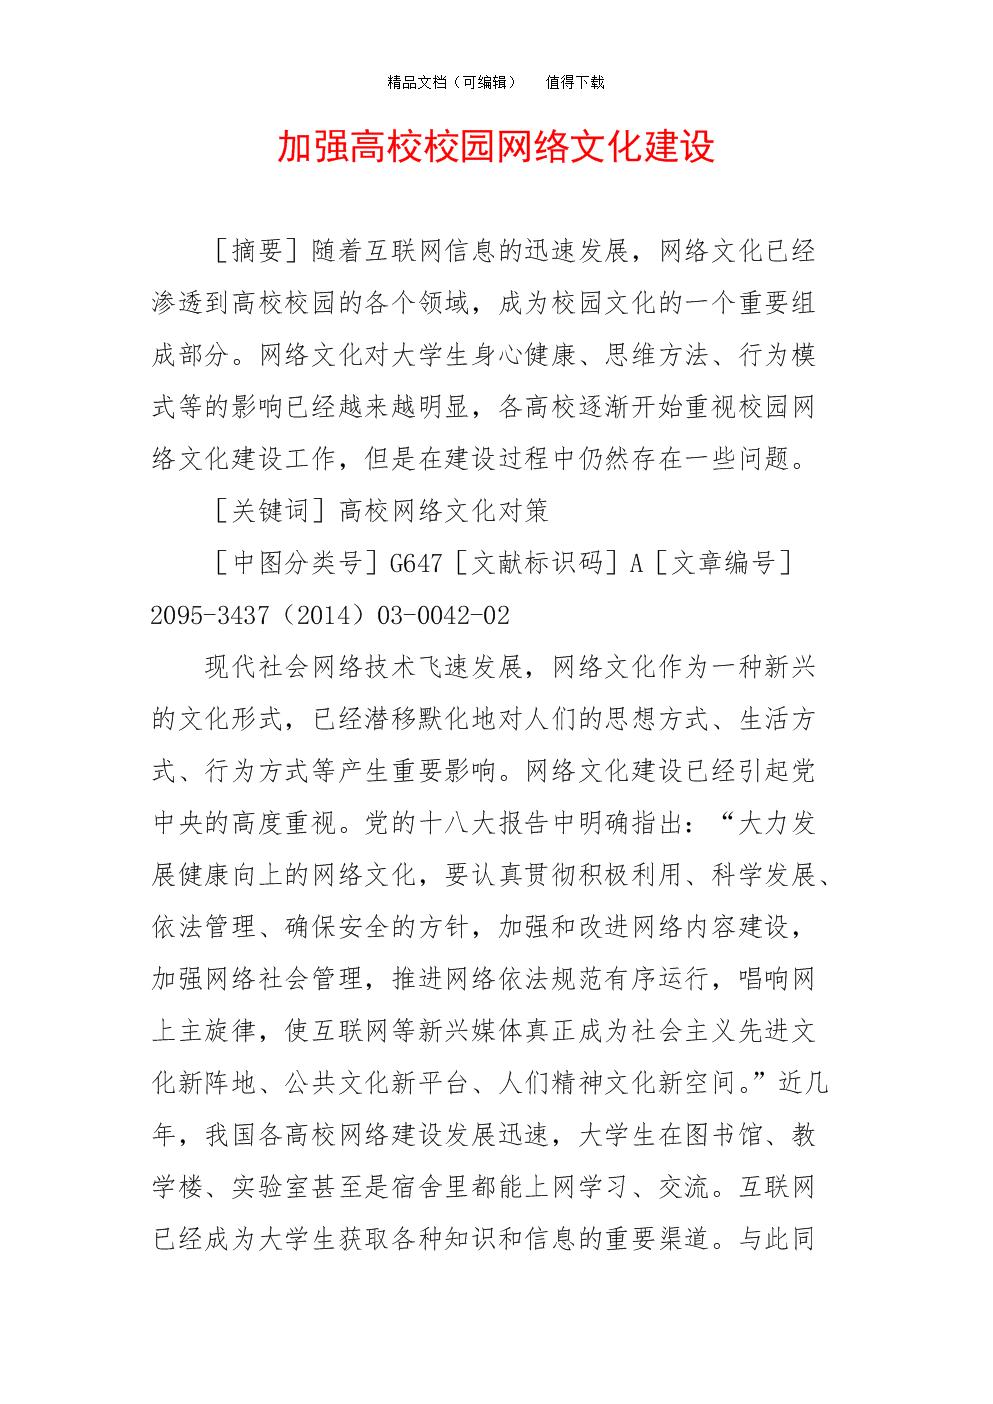 加强高校校园网络文化建设.doc